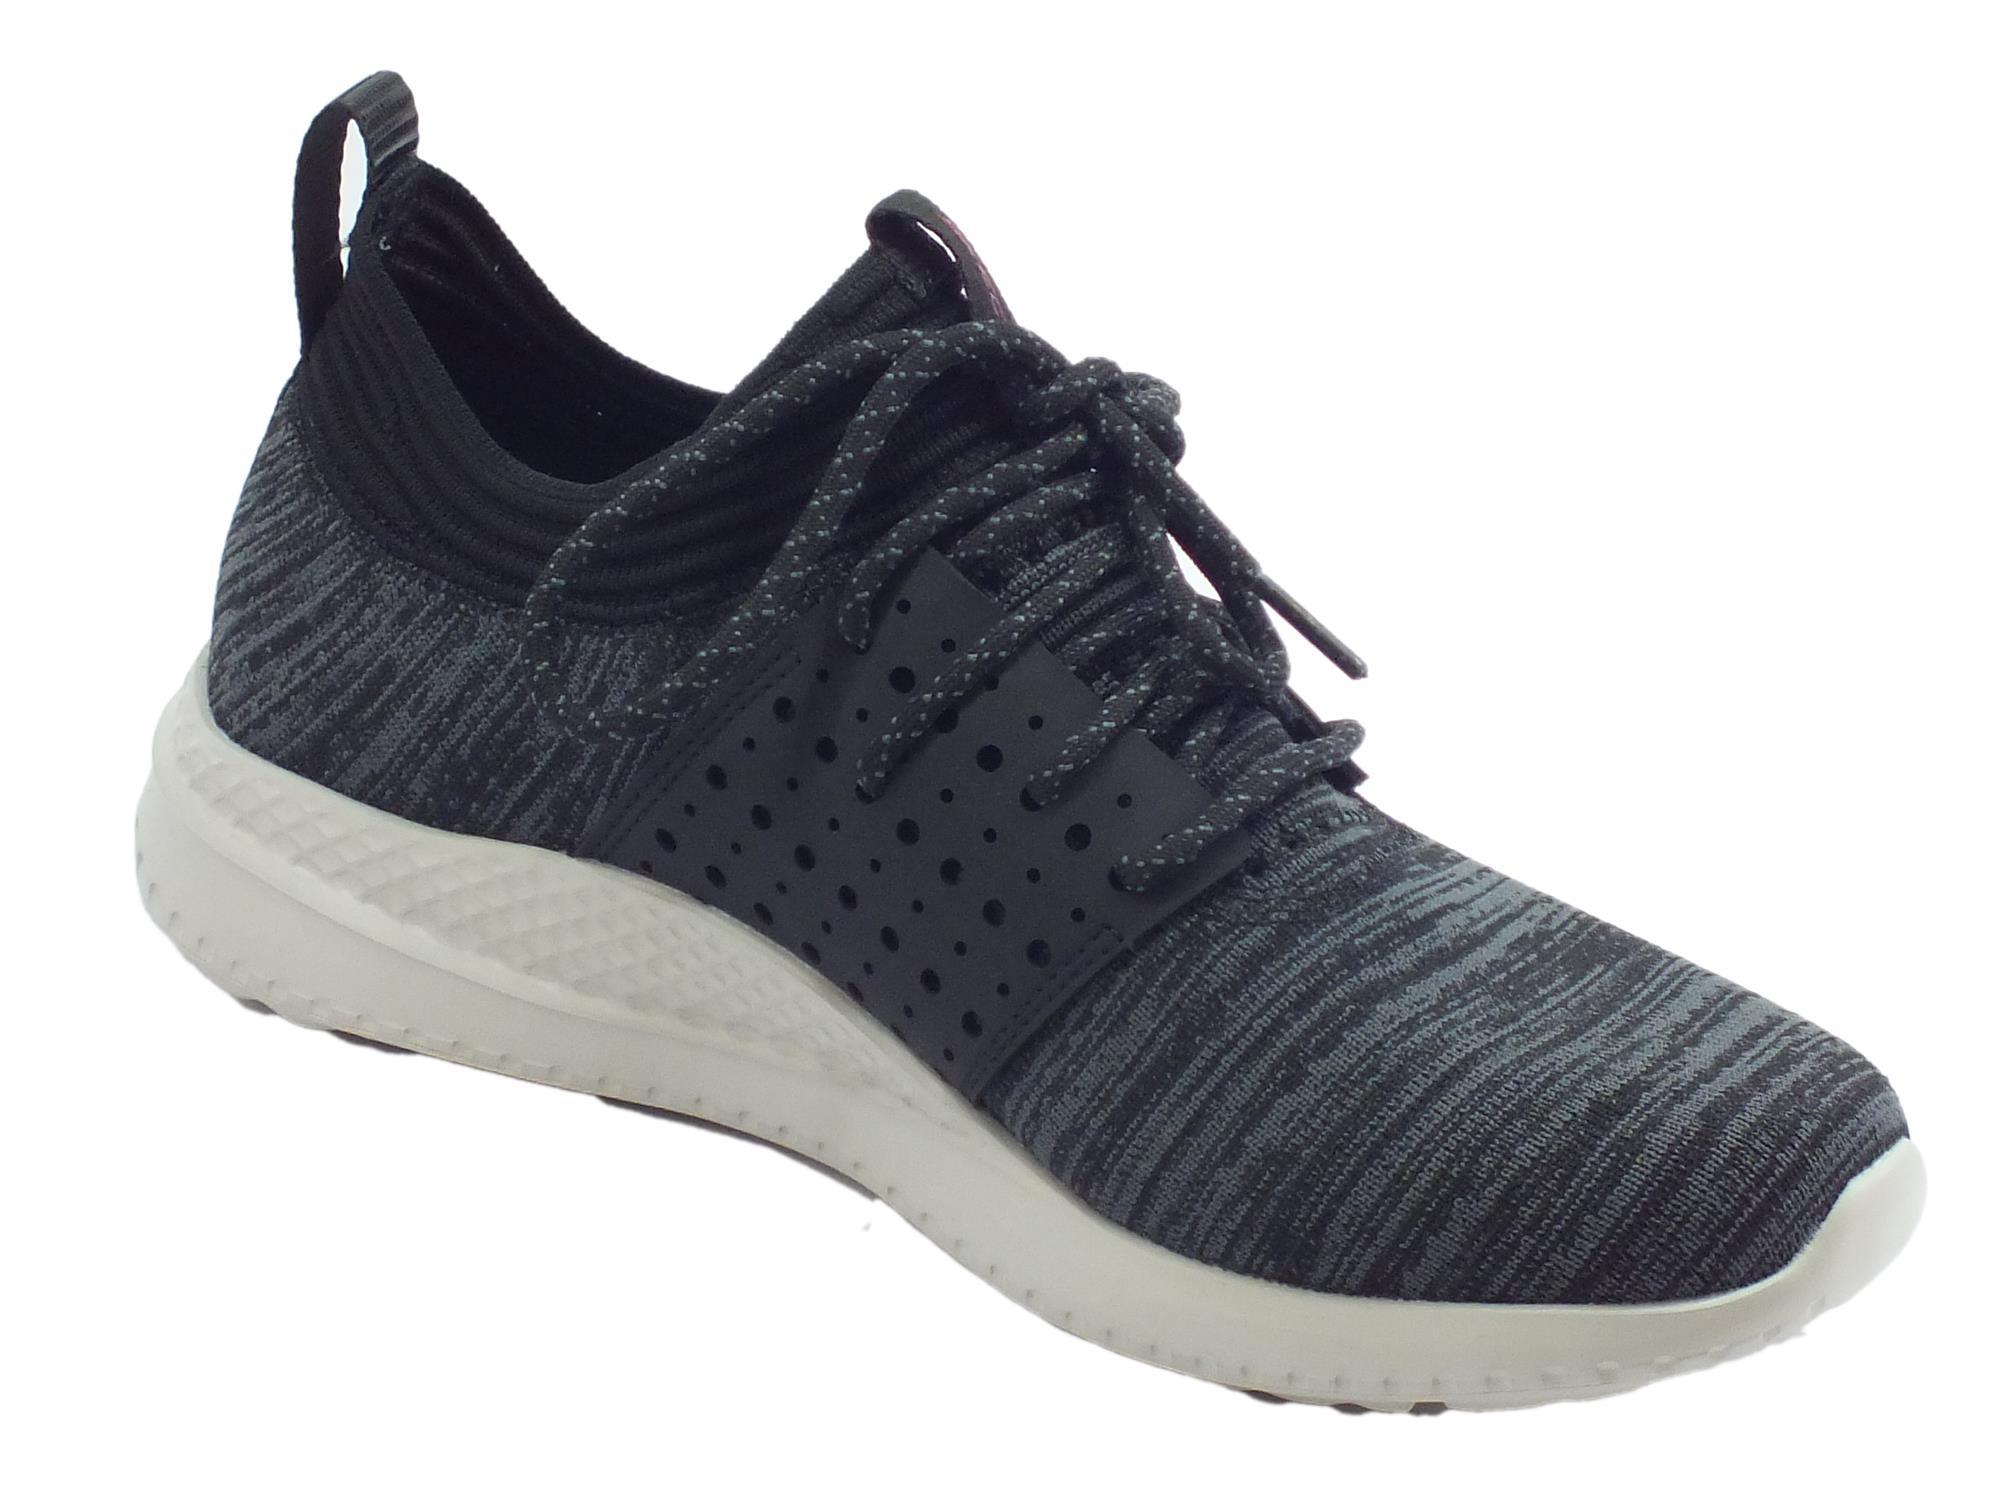 Skechers Matera Knocto scarpe sportive uomo tessuto nero - Vitiello ... 06c40ebac6f